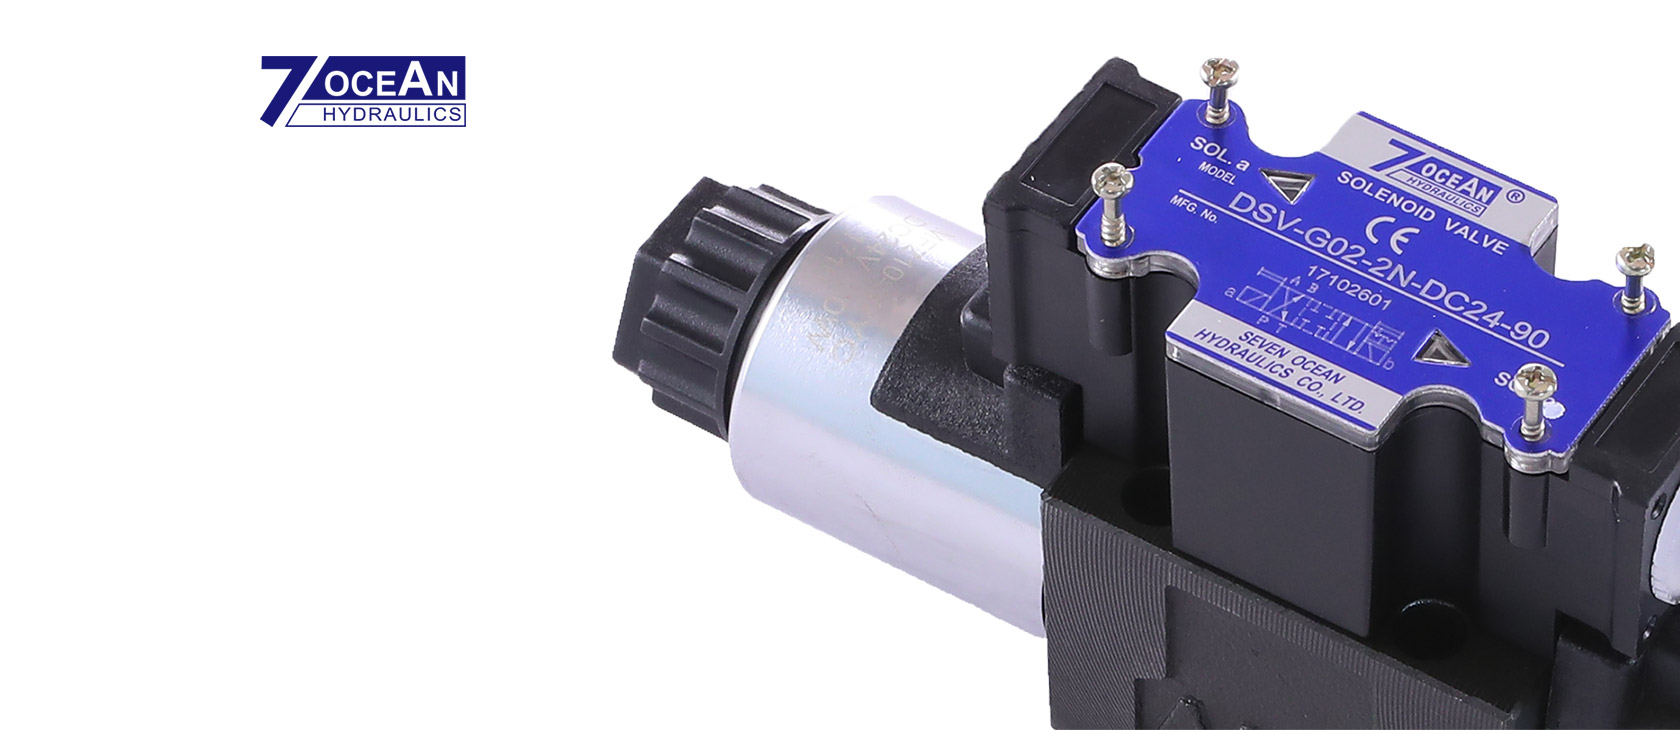 Elektromagnetické ventily       od společnosti Seven Ocean       Hydraulics